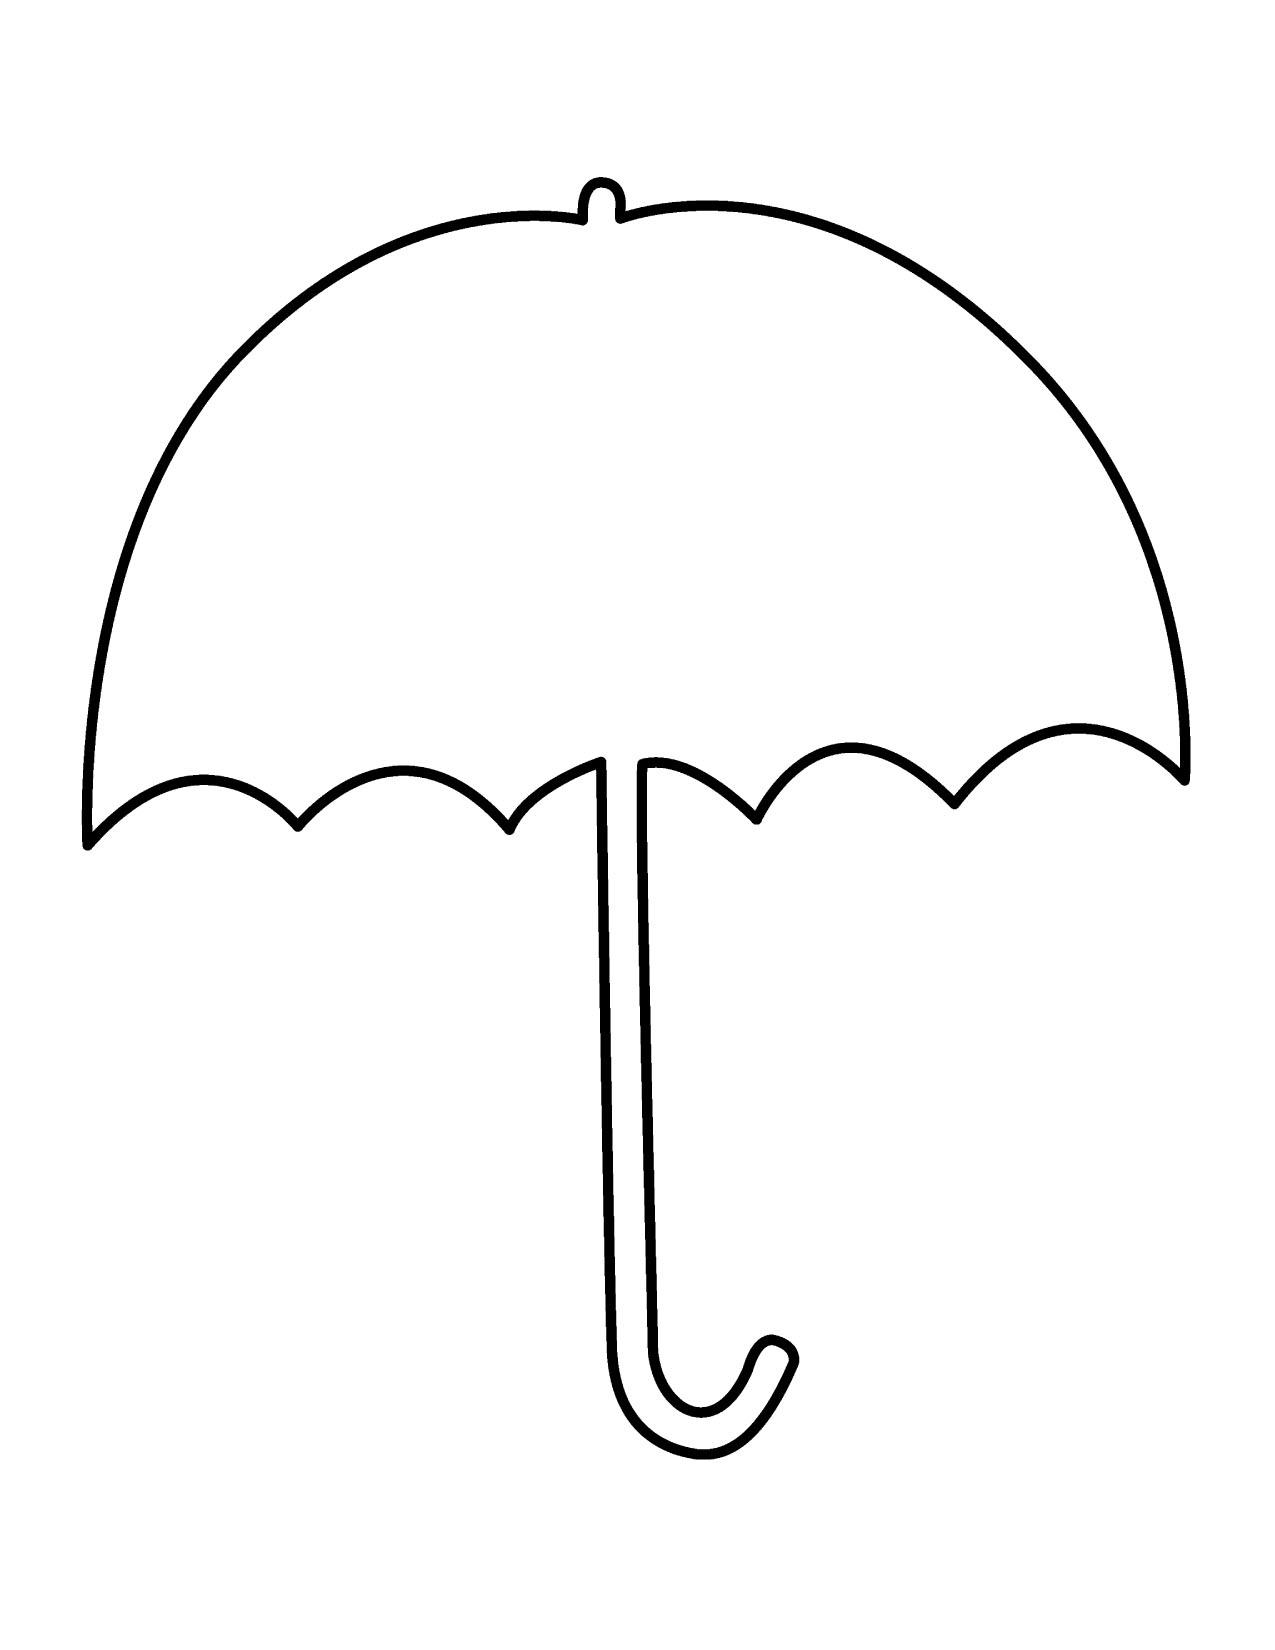 Umbrella Clipart-umbrella clipart-15